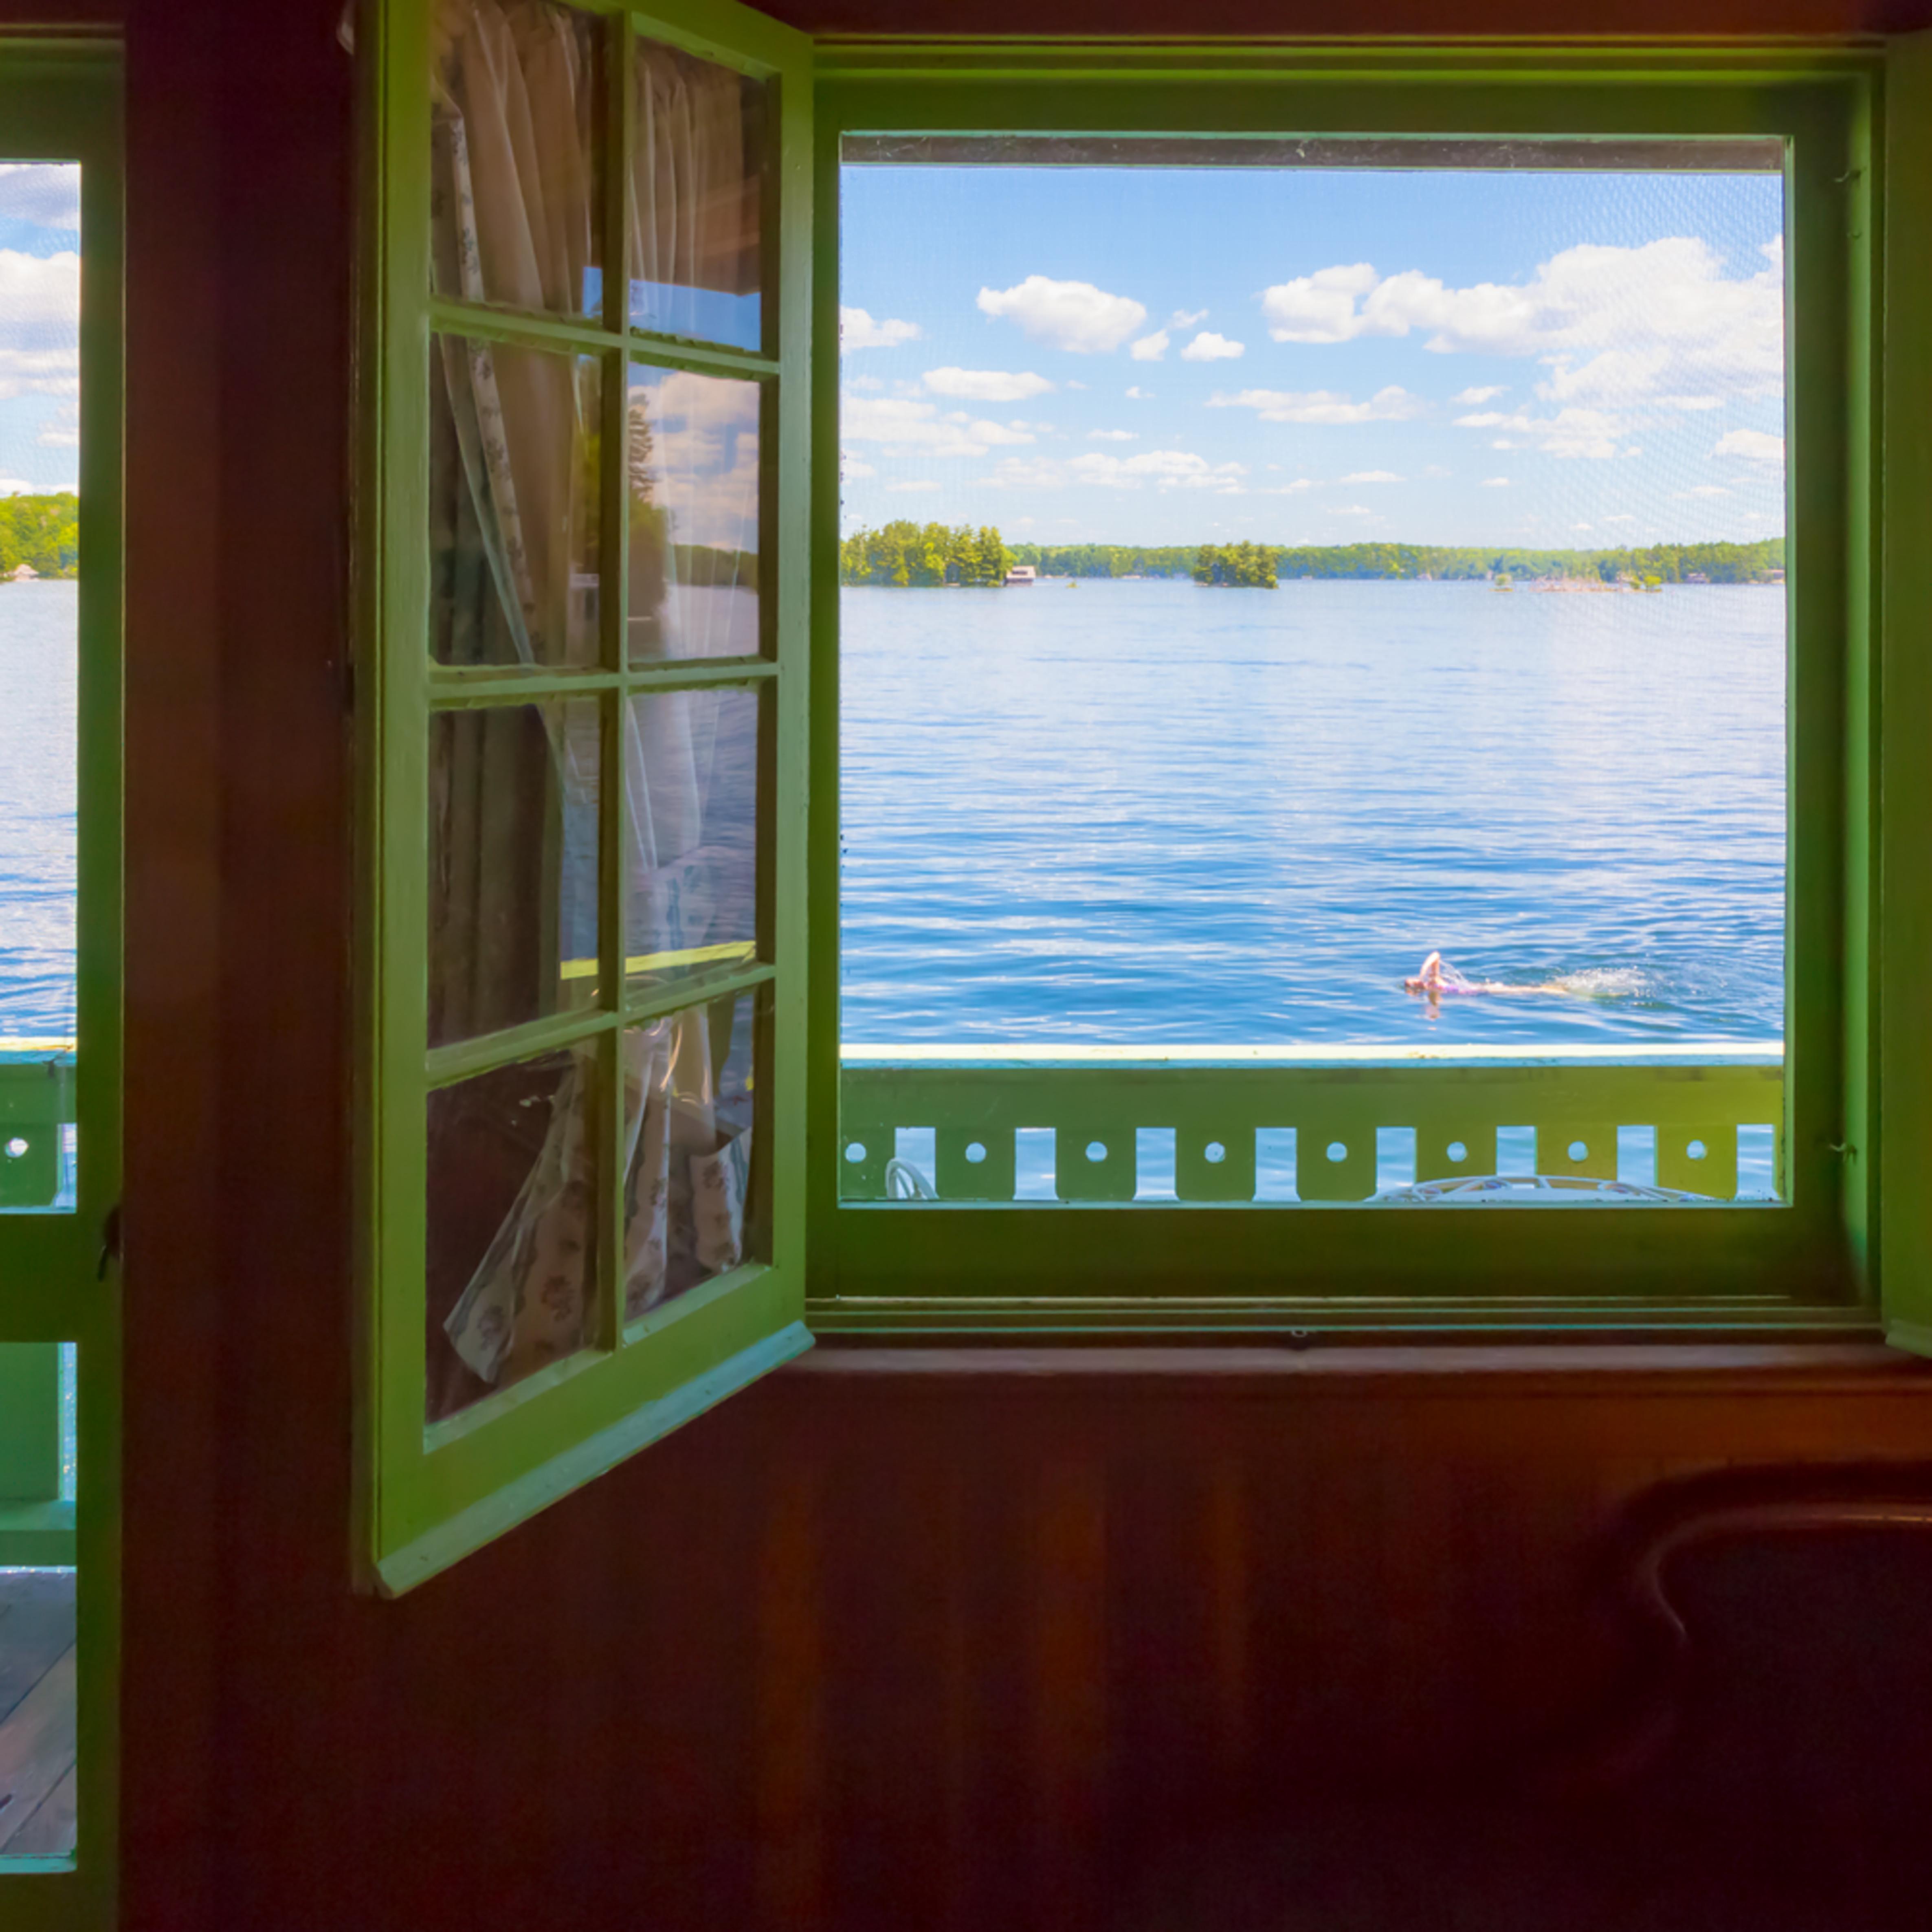 The boathouse wokelv